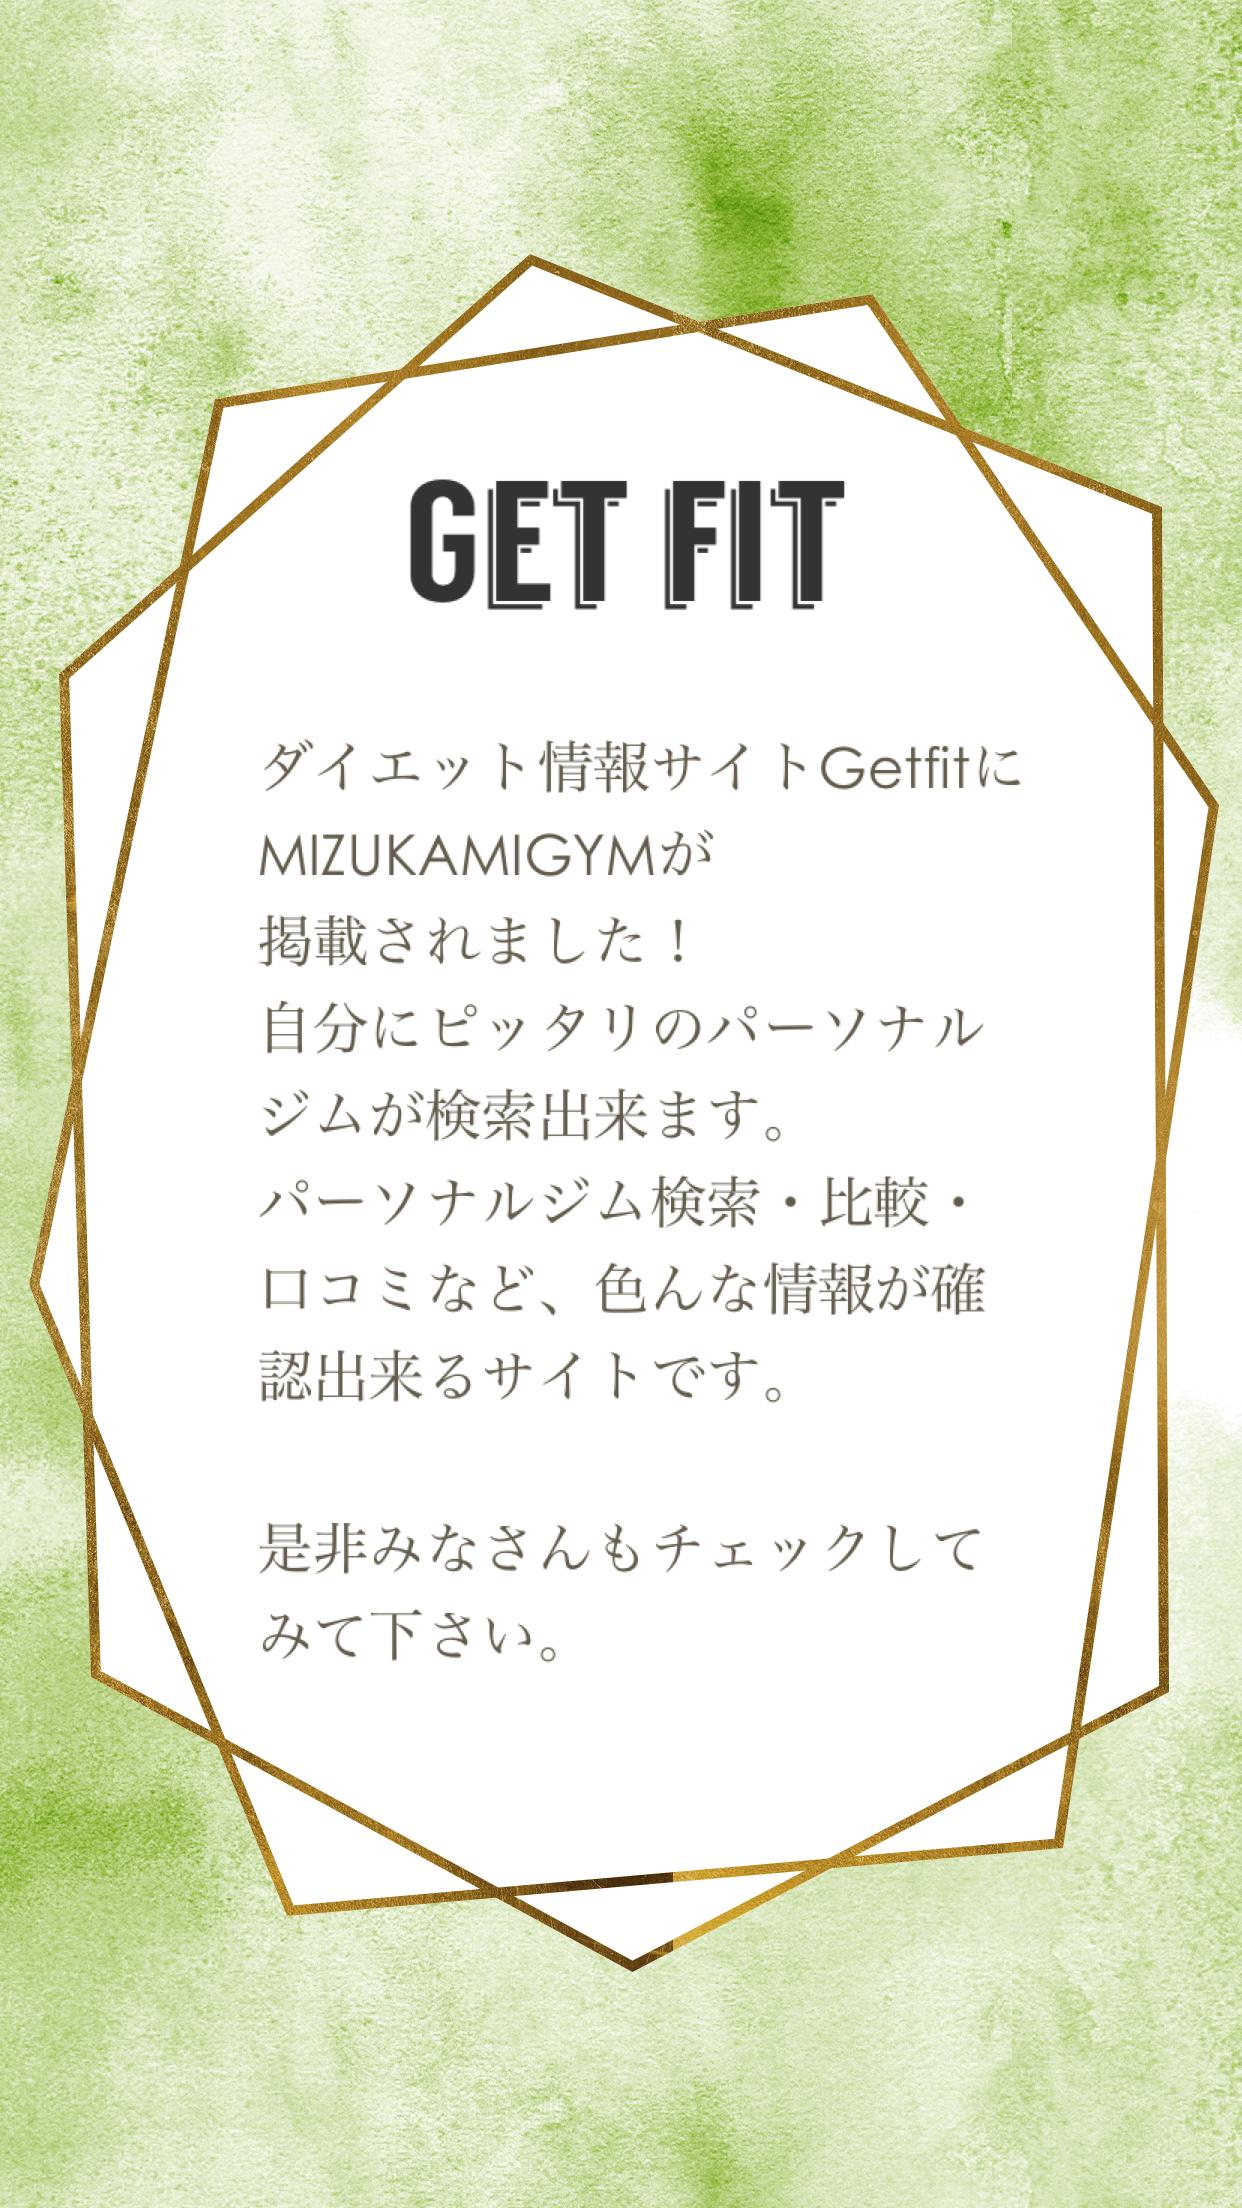 ダイエット情報サイトのお知らせ